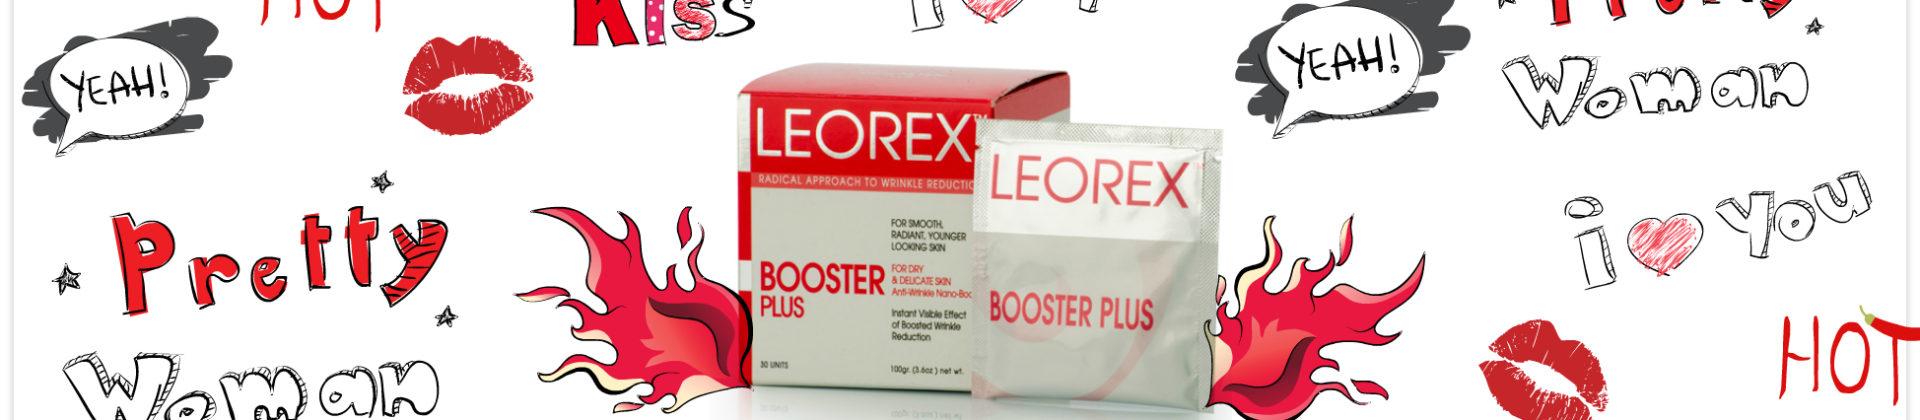 leorex booster plus